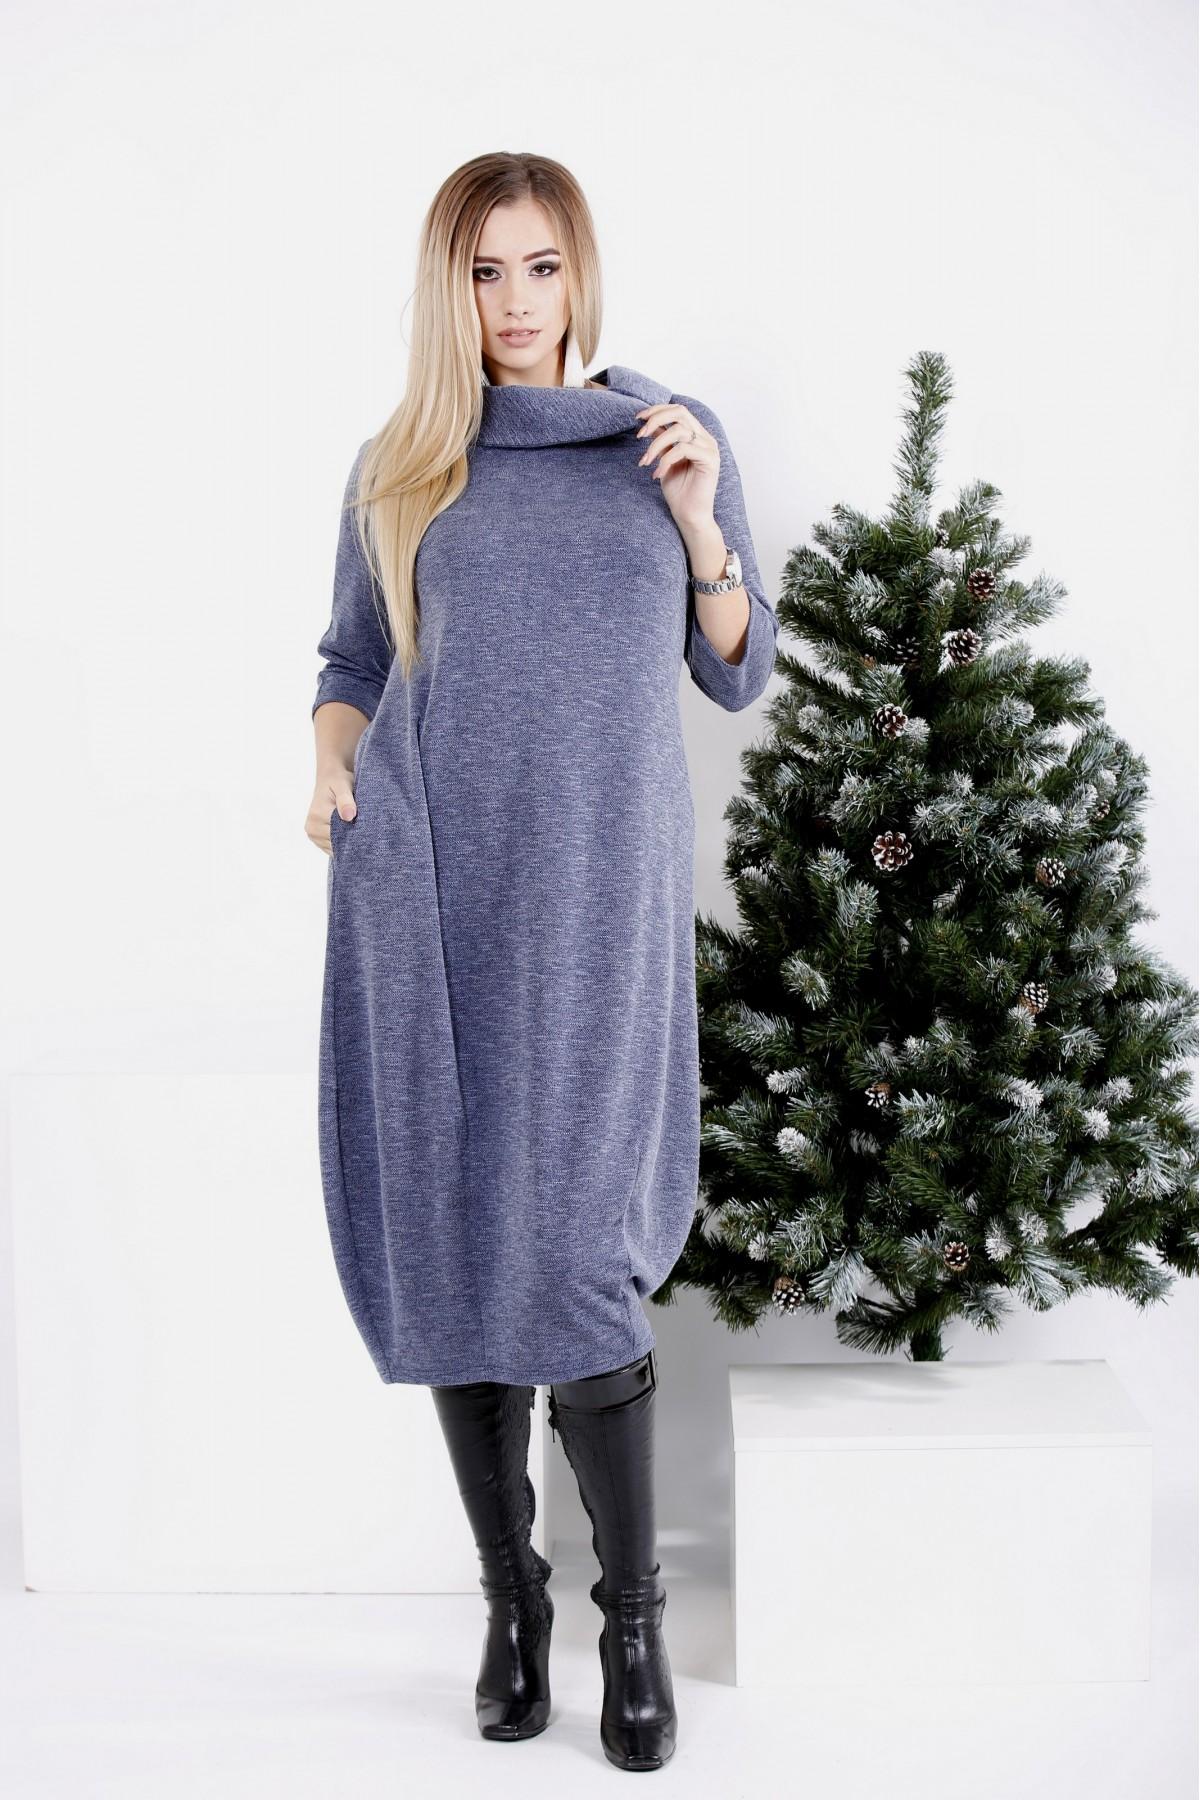 0981-3 | Синее осенне-зимнее платье-мешок